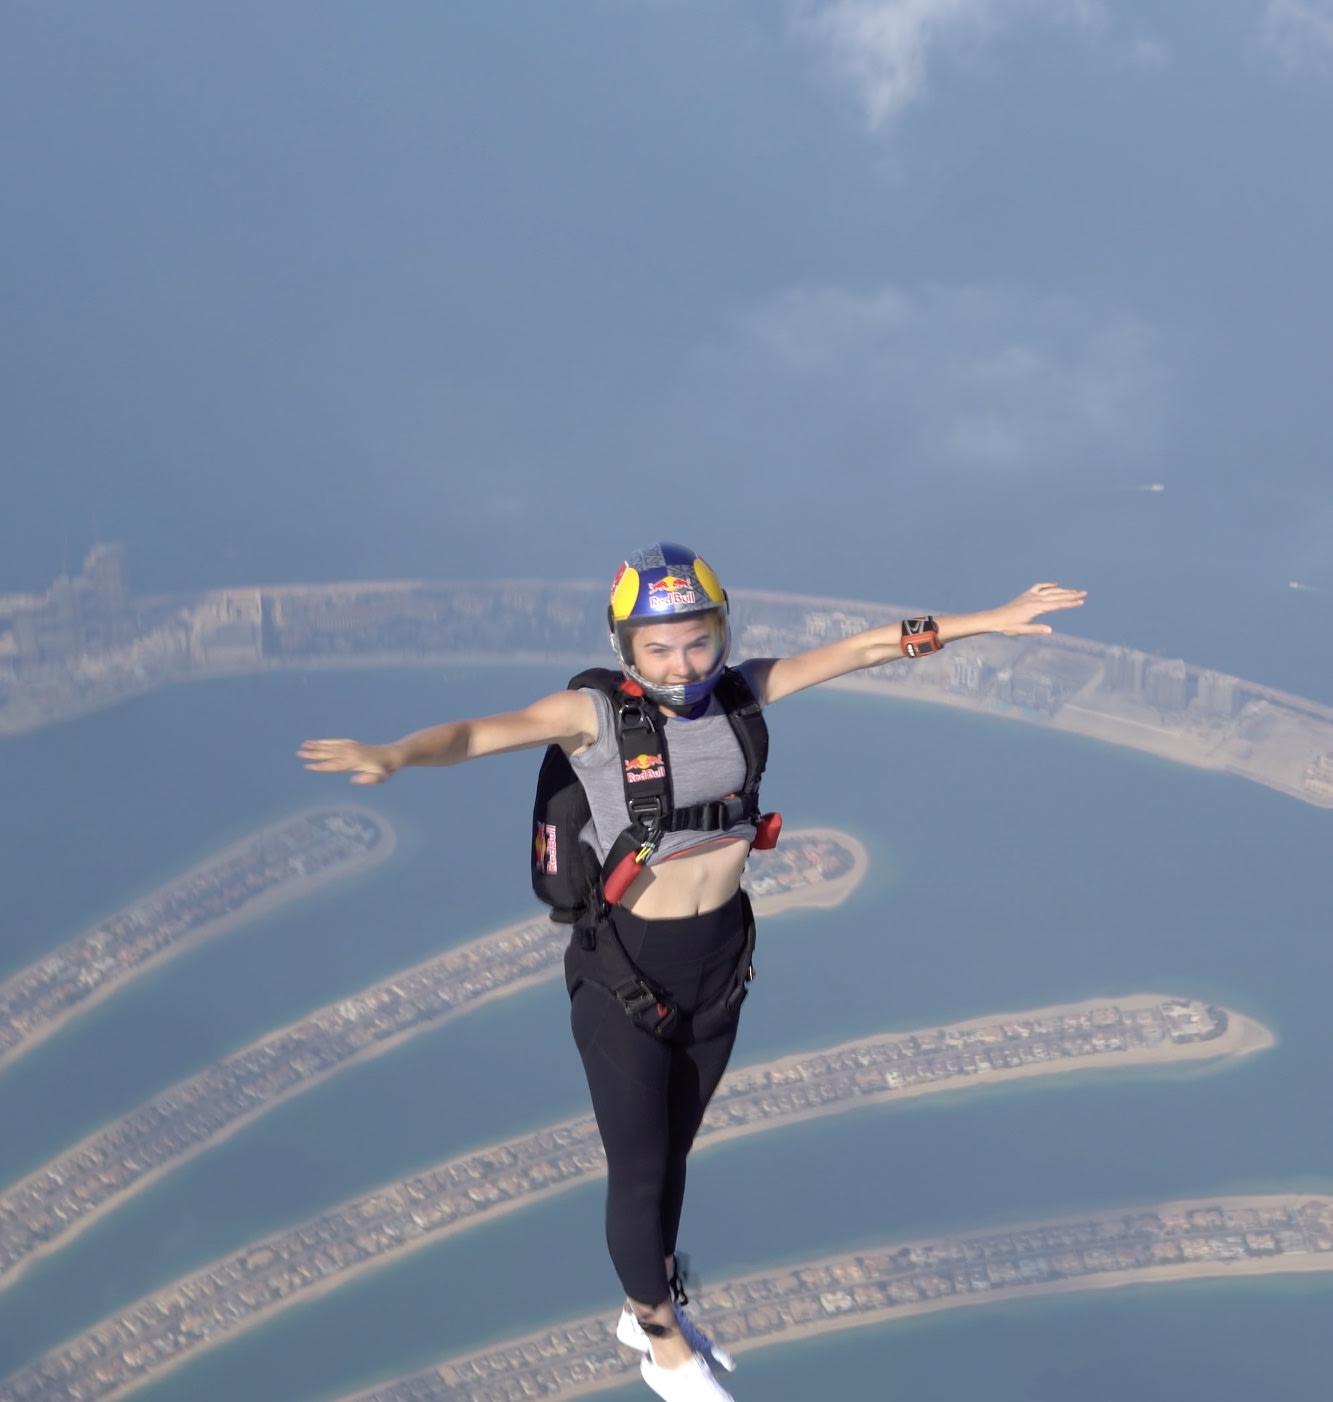 القفز المظلي الحر في دبي